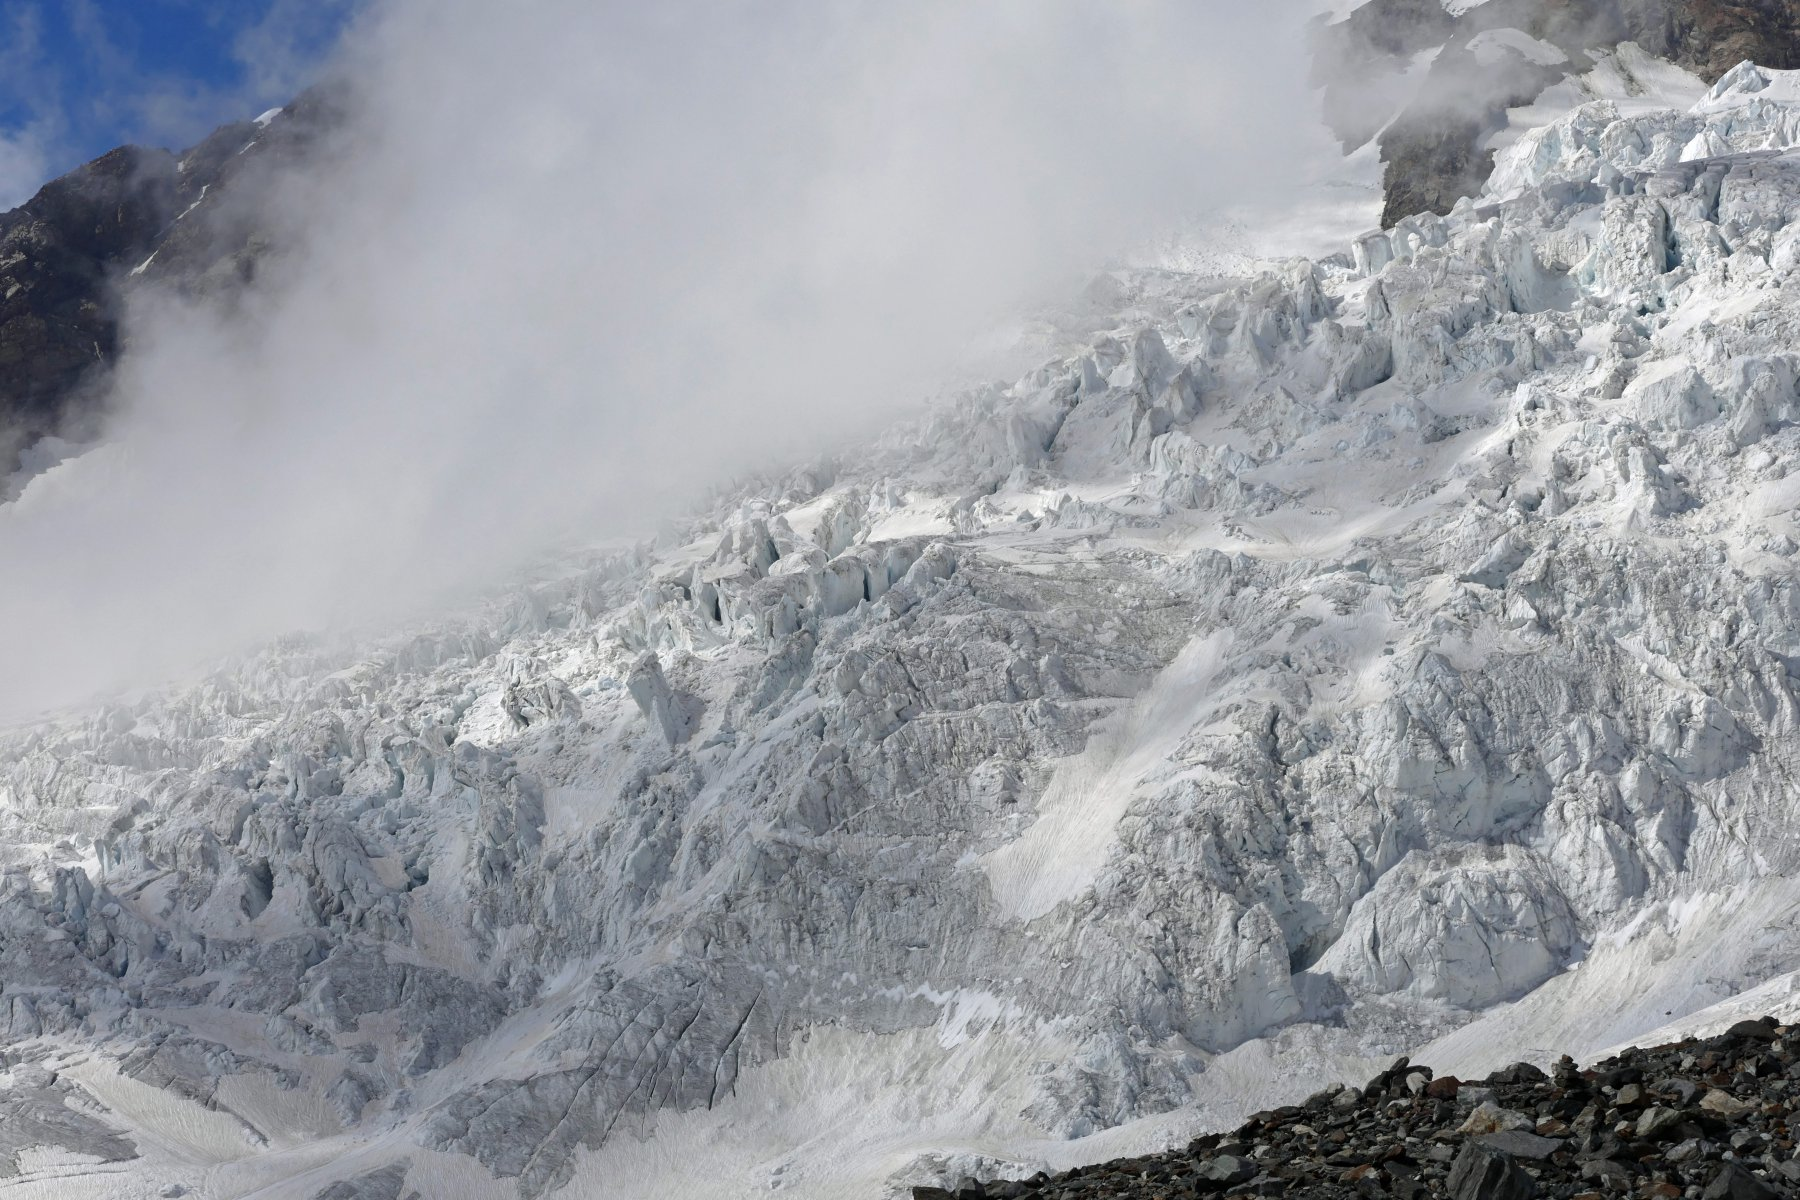 Il tormentato ghiacciaio del Lys, visto dai pressi del Mantova